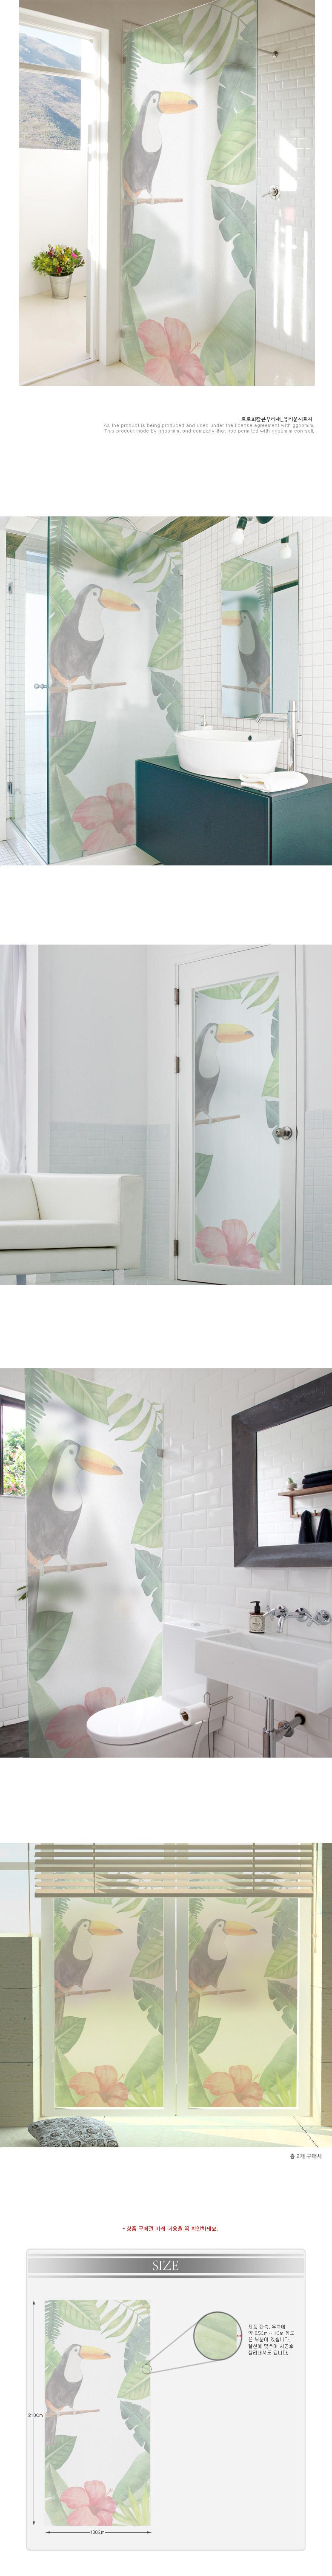 트로피칼큰부리새_유리문시트지 - 꾸밈, 32,000원, 벽시/시트지, 디자인 시트지